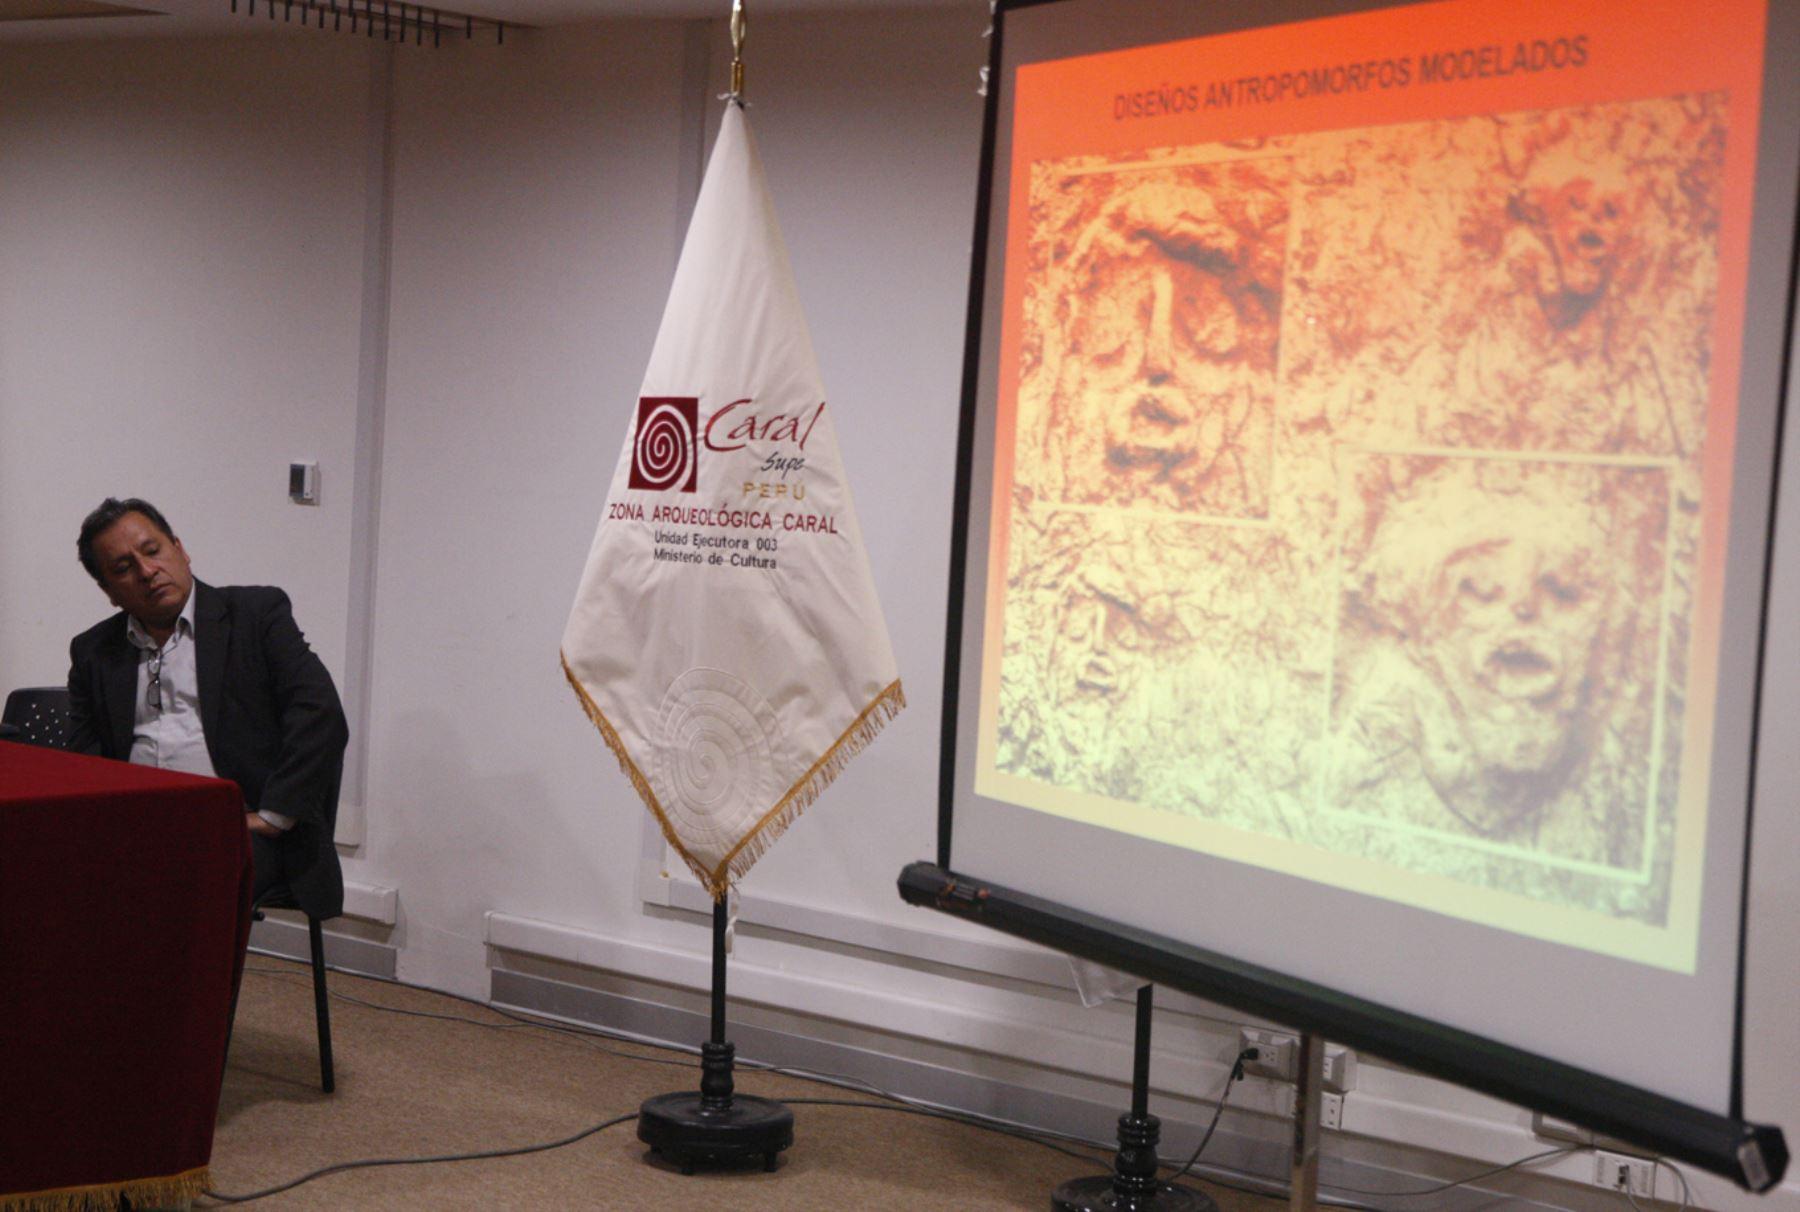 Directora de la Zona Arqueológica Caral, Ruth Shady Solís, informó que las investigaciones en el sitio arqueológico Vichama revelan efectos del cambio climático en Perú hace 1,800 años. ANDINA/Eddy Ramos